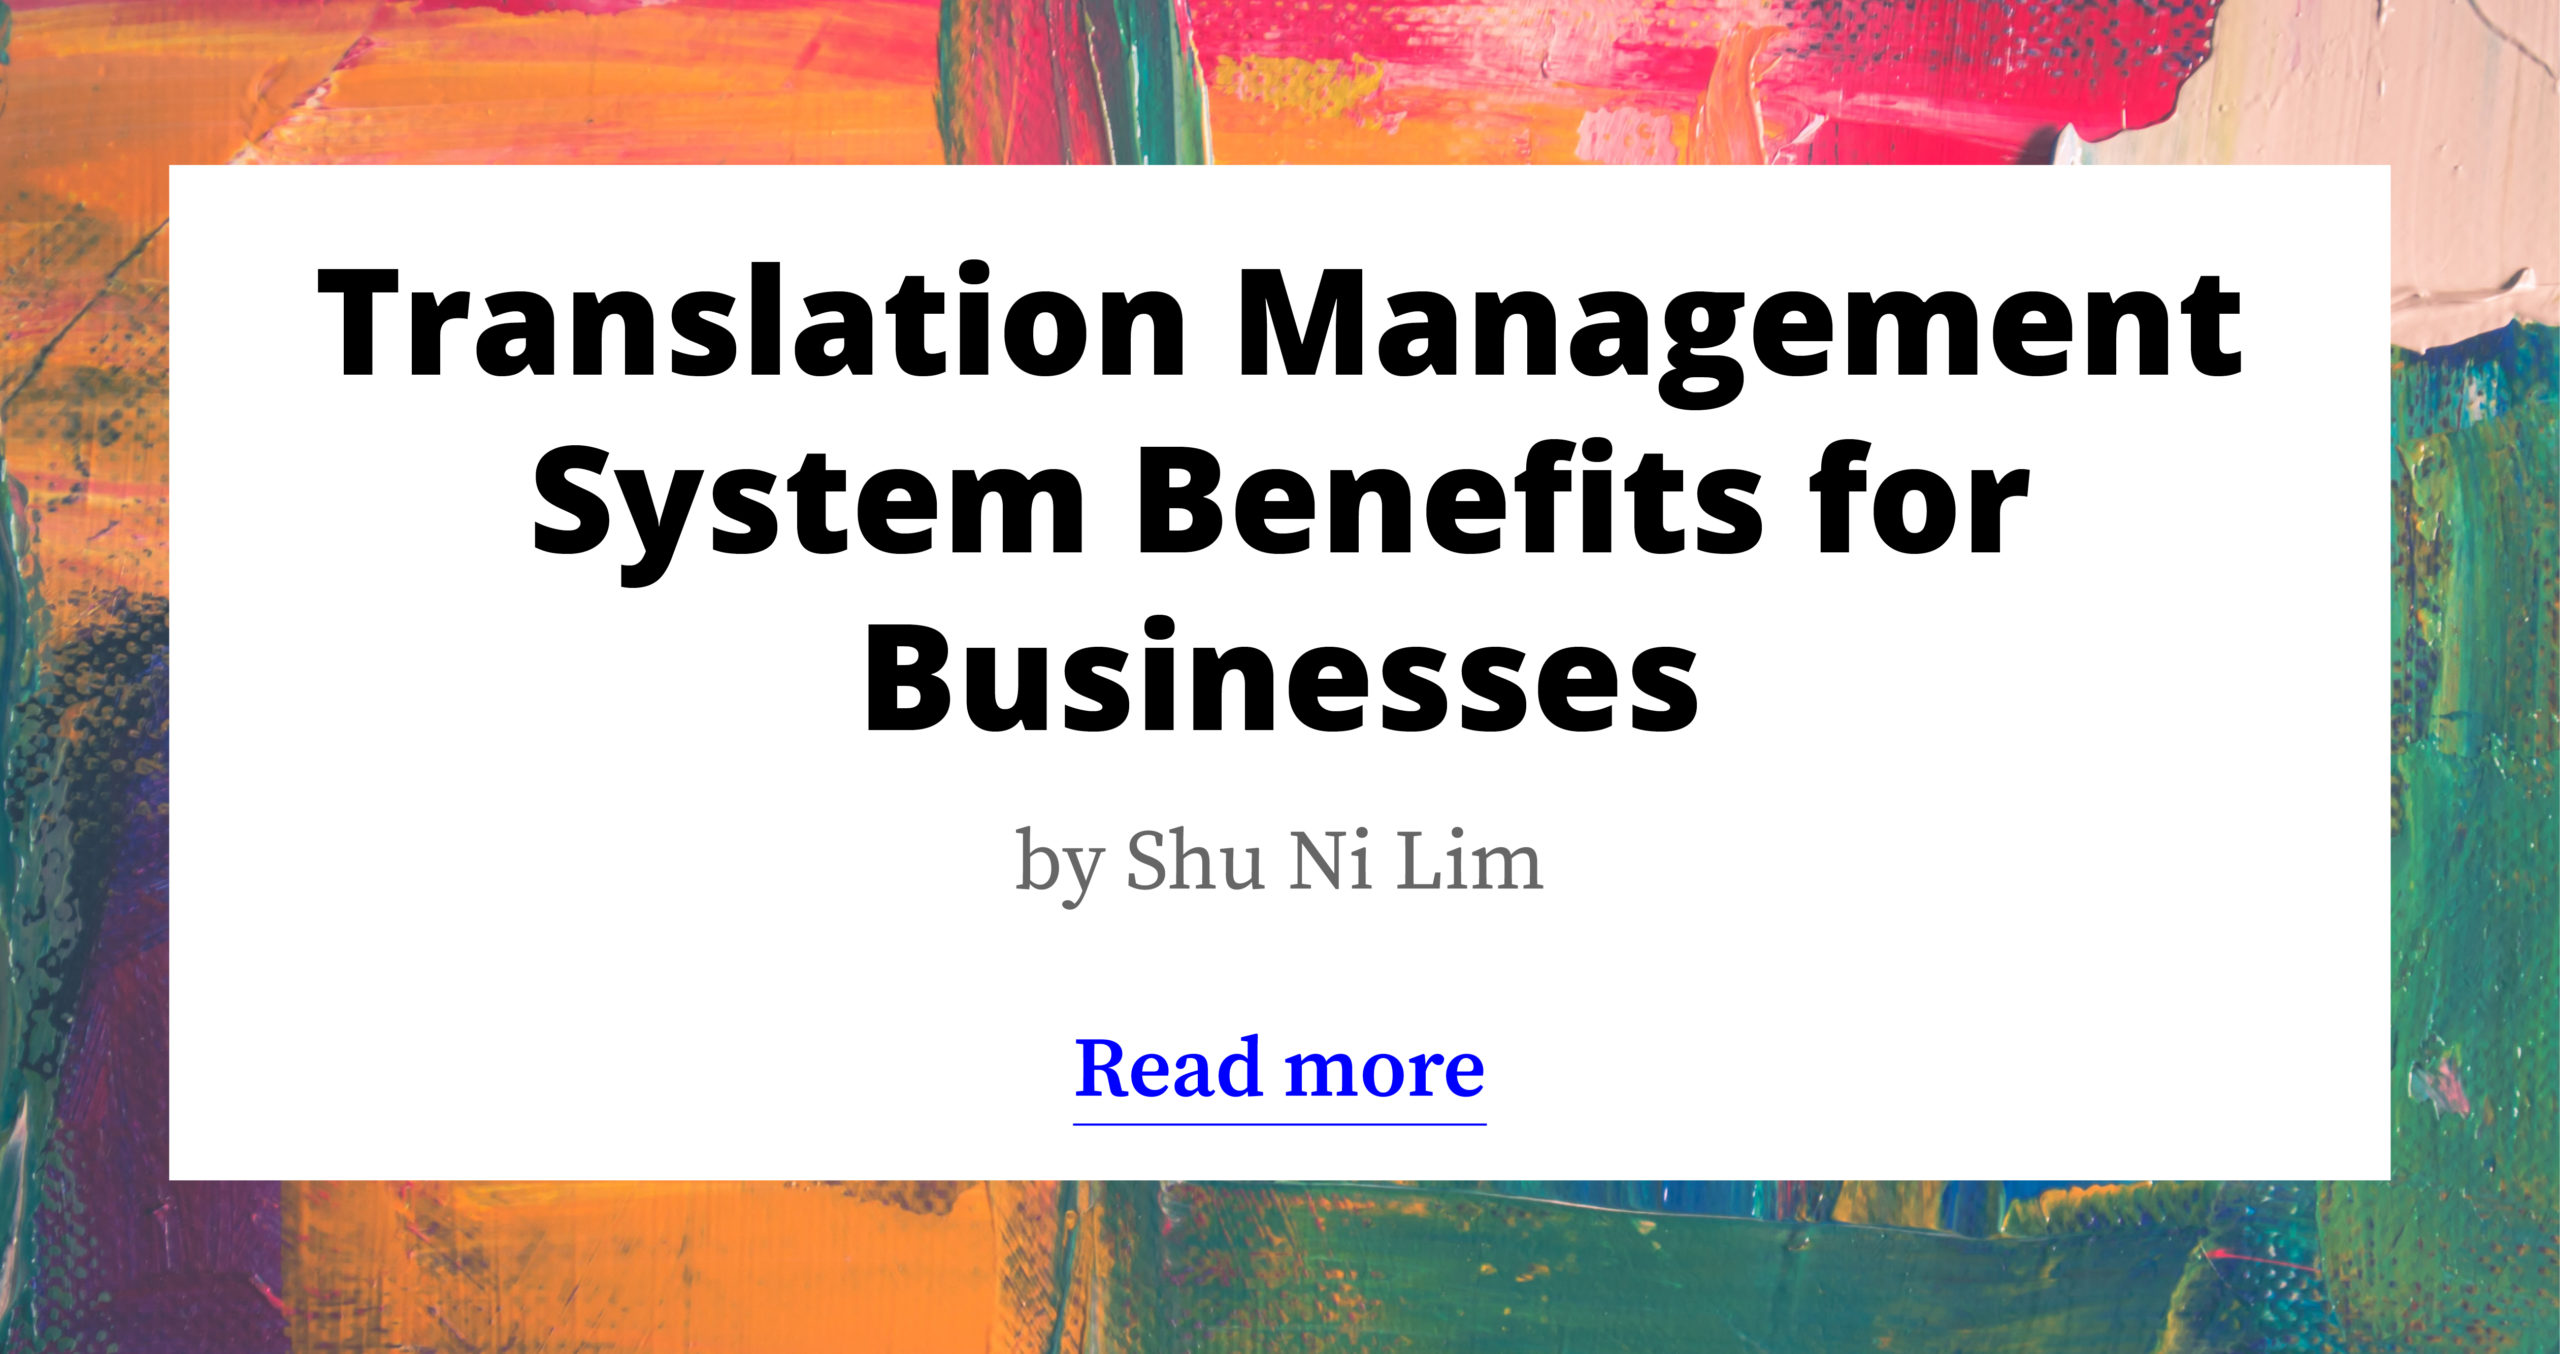 Translation Management System Benefits for Businesses